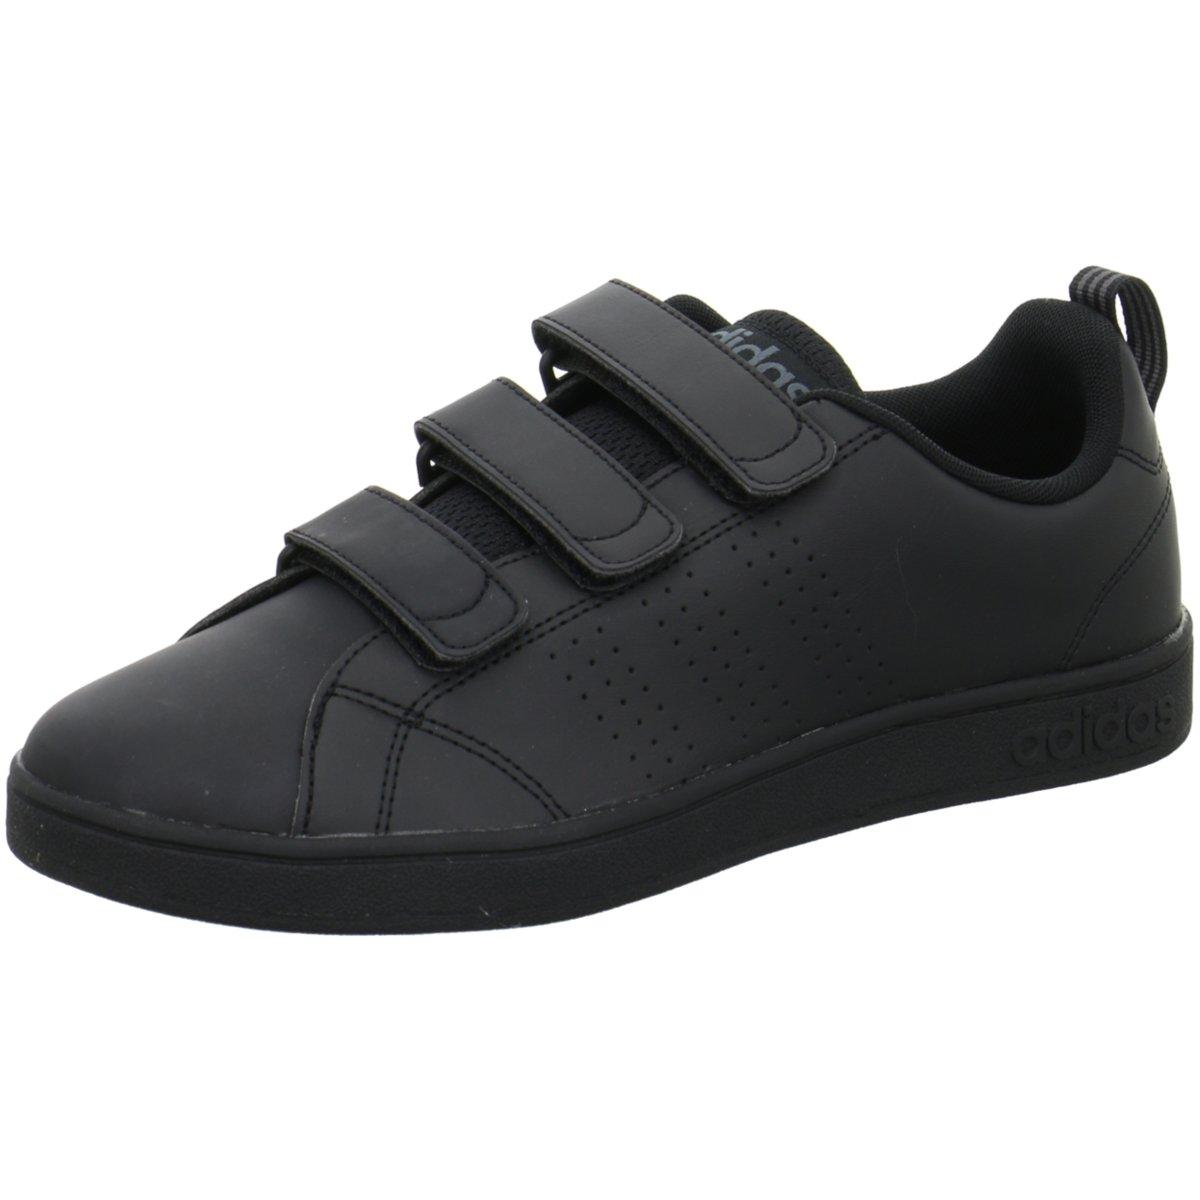 NEU adidas Herren Sneaker VS ADVANTAGE CLEAN CMF AW5212 000 schwarz 207147